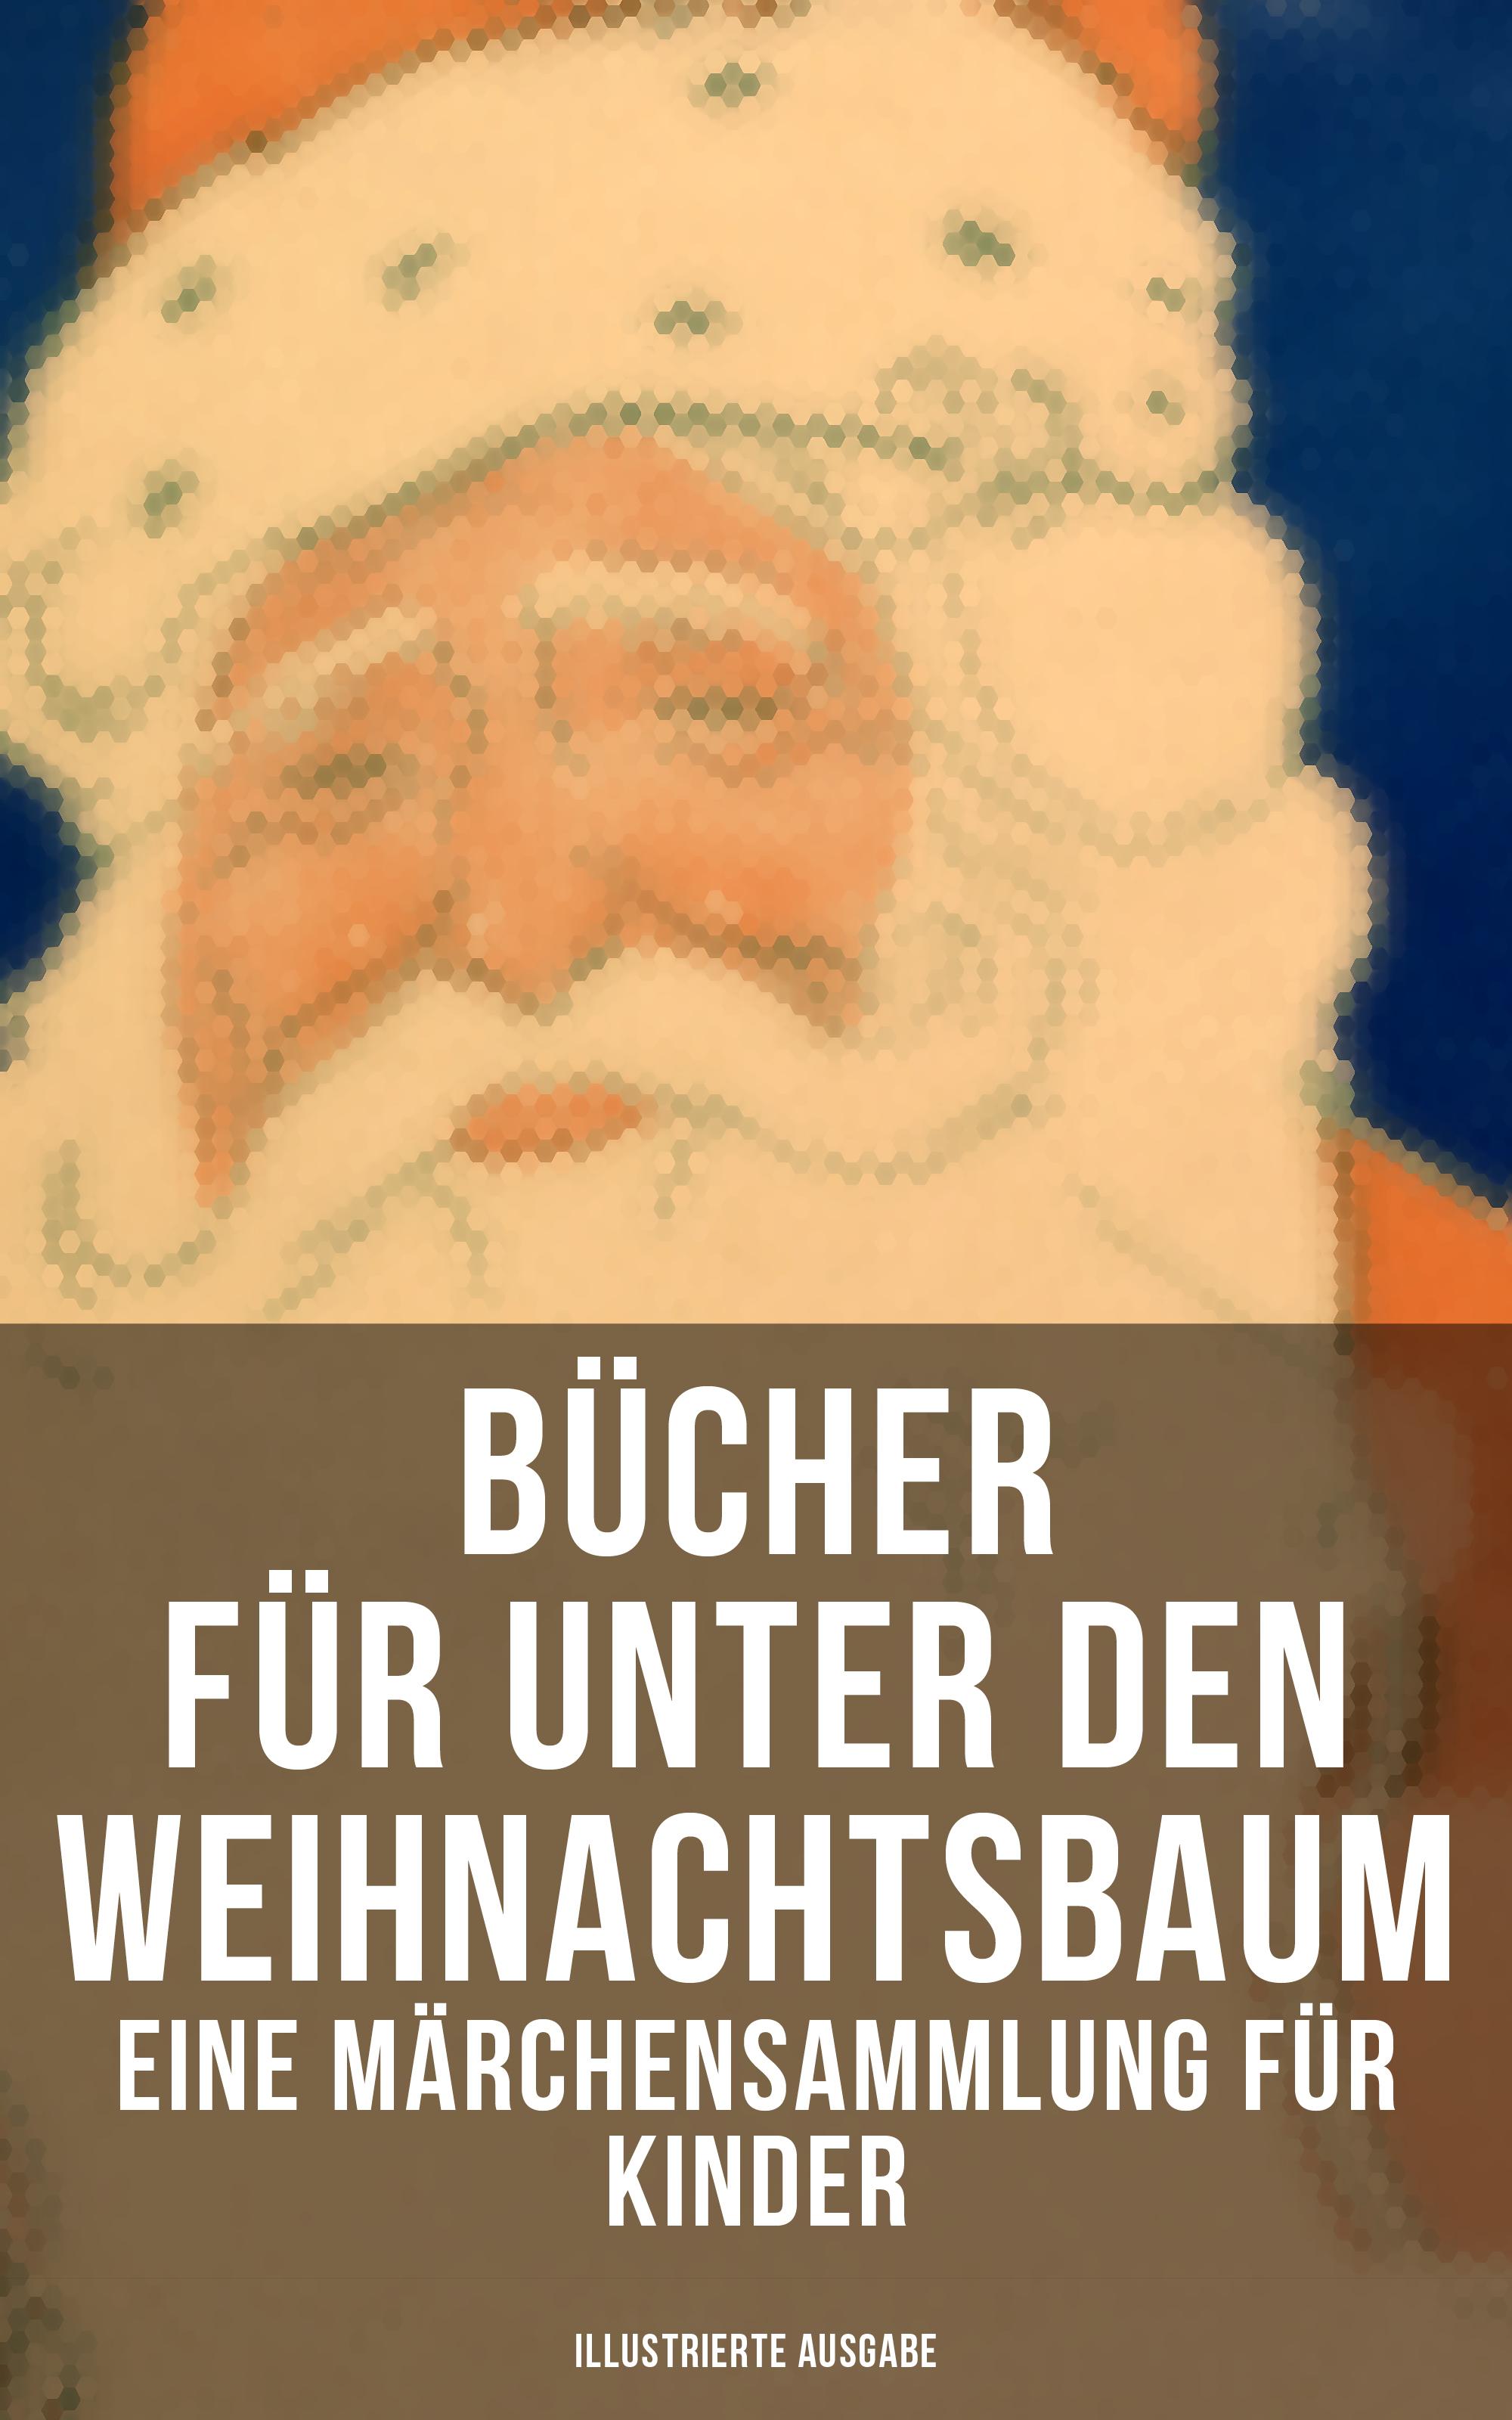 bucher fur unter den weihnachtsbaum eine marchensammlung fur kinder illustrierte ausgabe